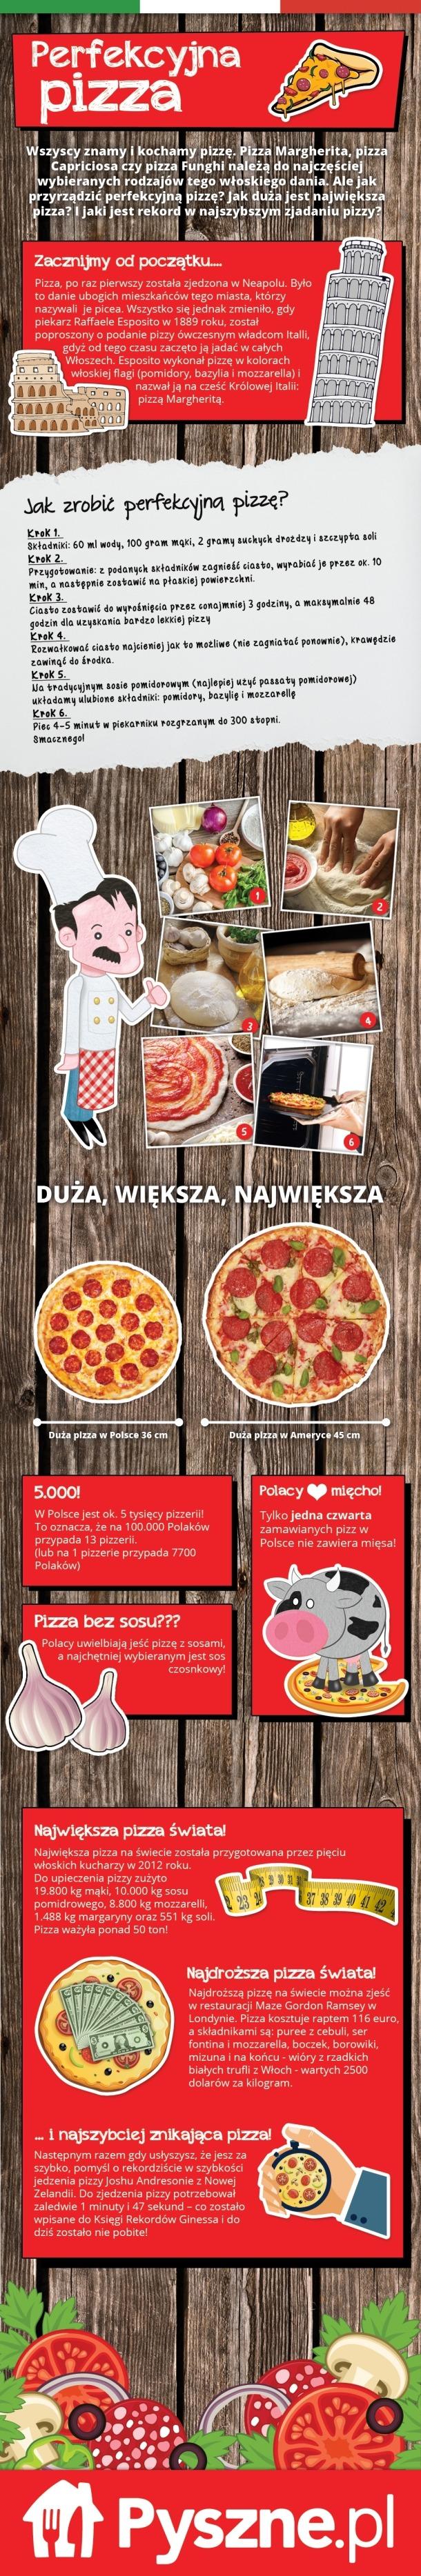 perfekcyjna pizza_pysznepl (1)